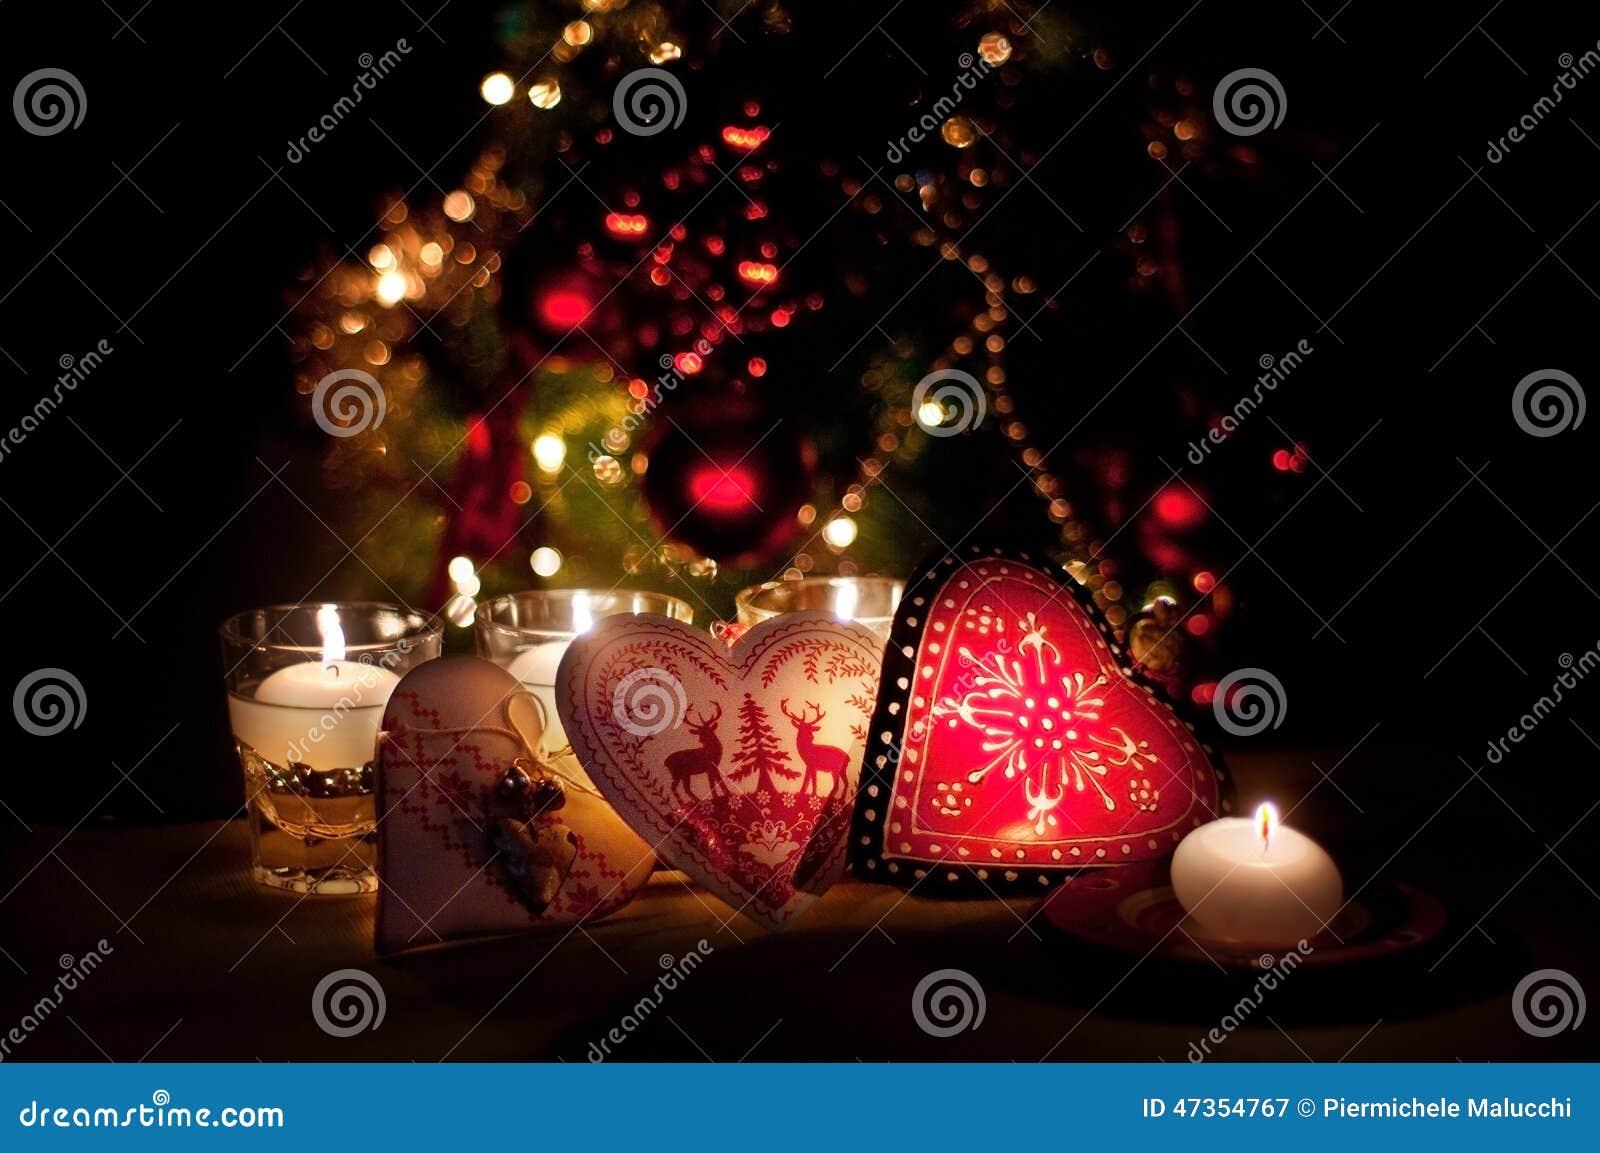 Corazones decoraciones y luces de la navidad feliz - Decoracion luces navidad ...